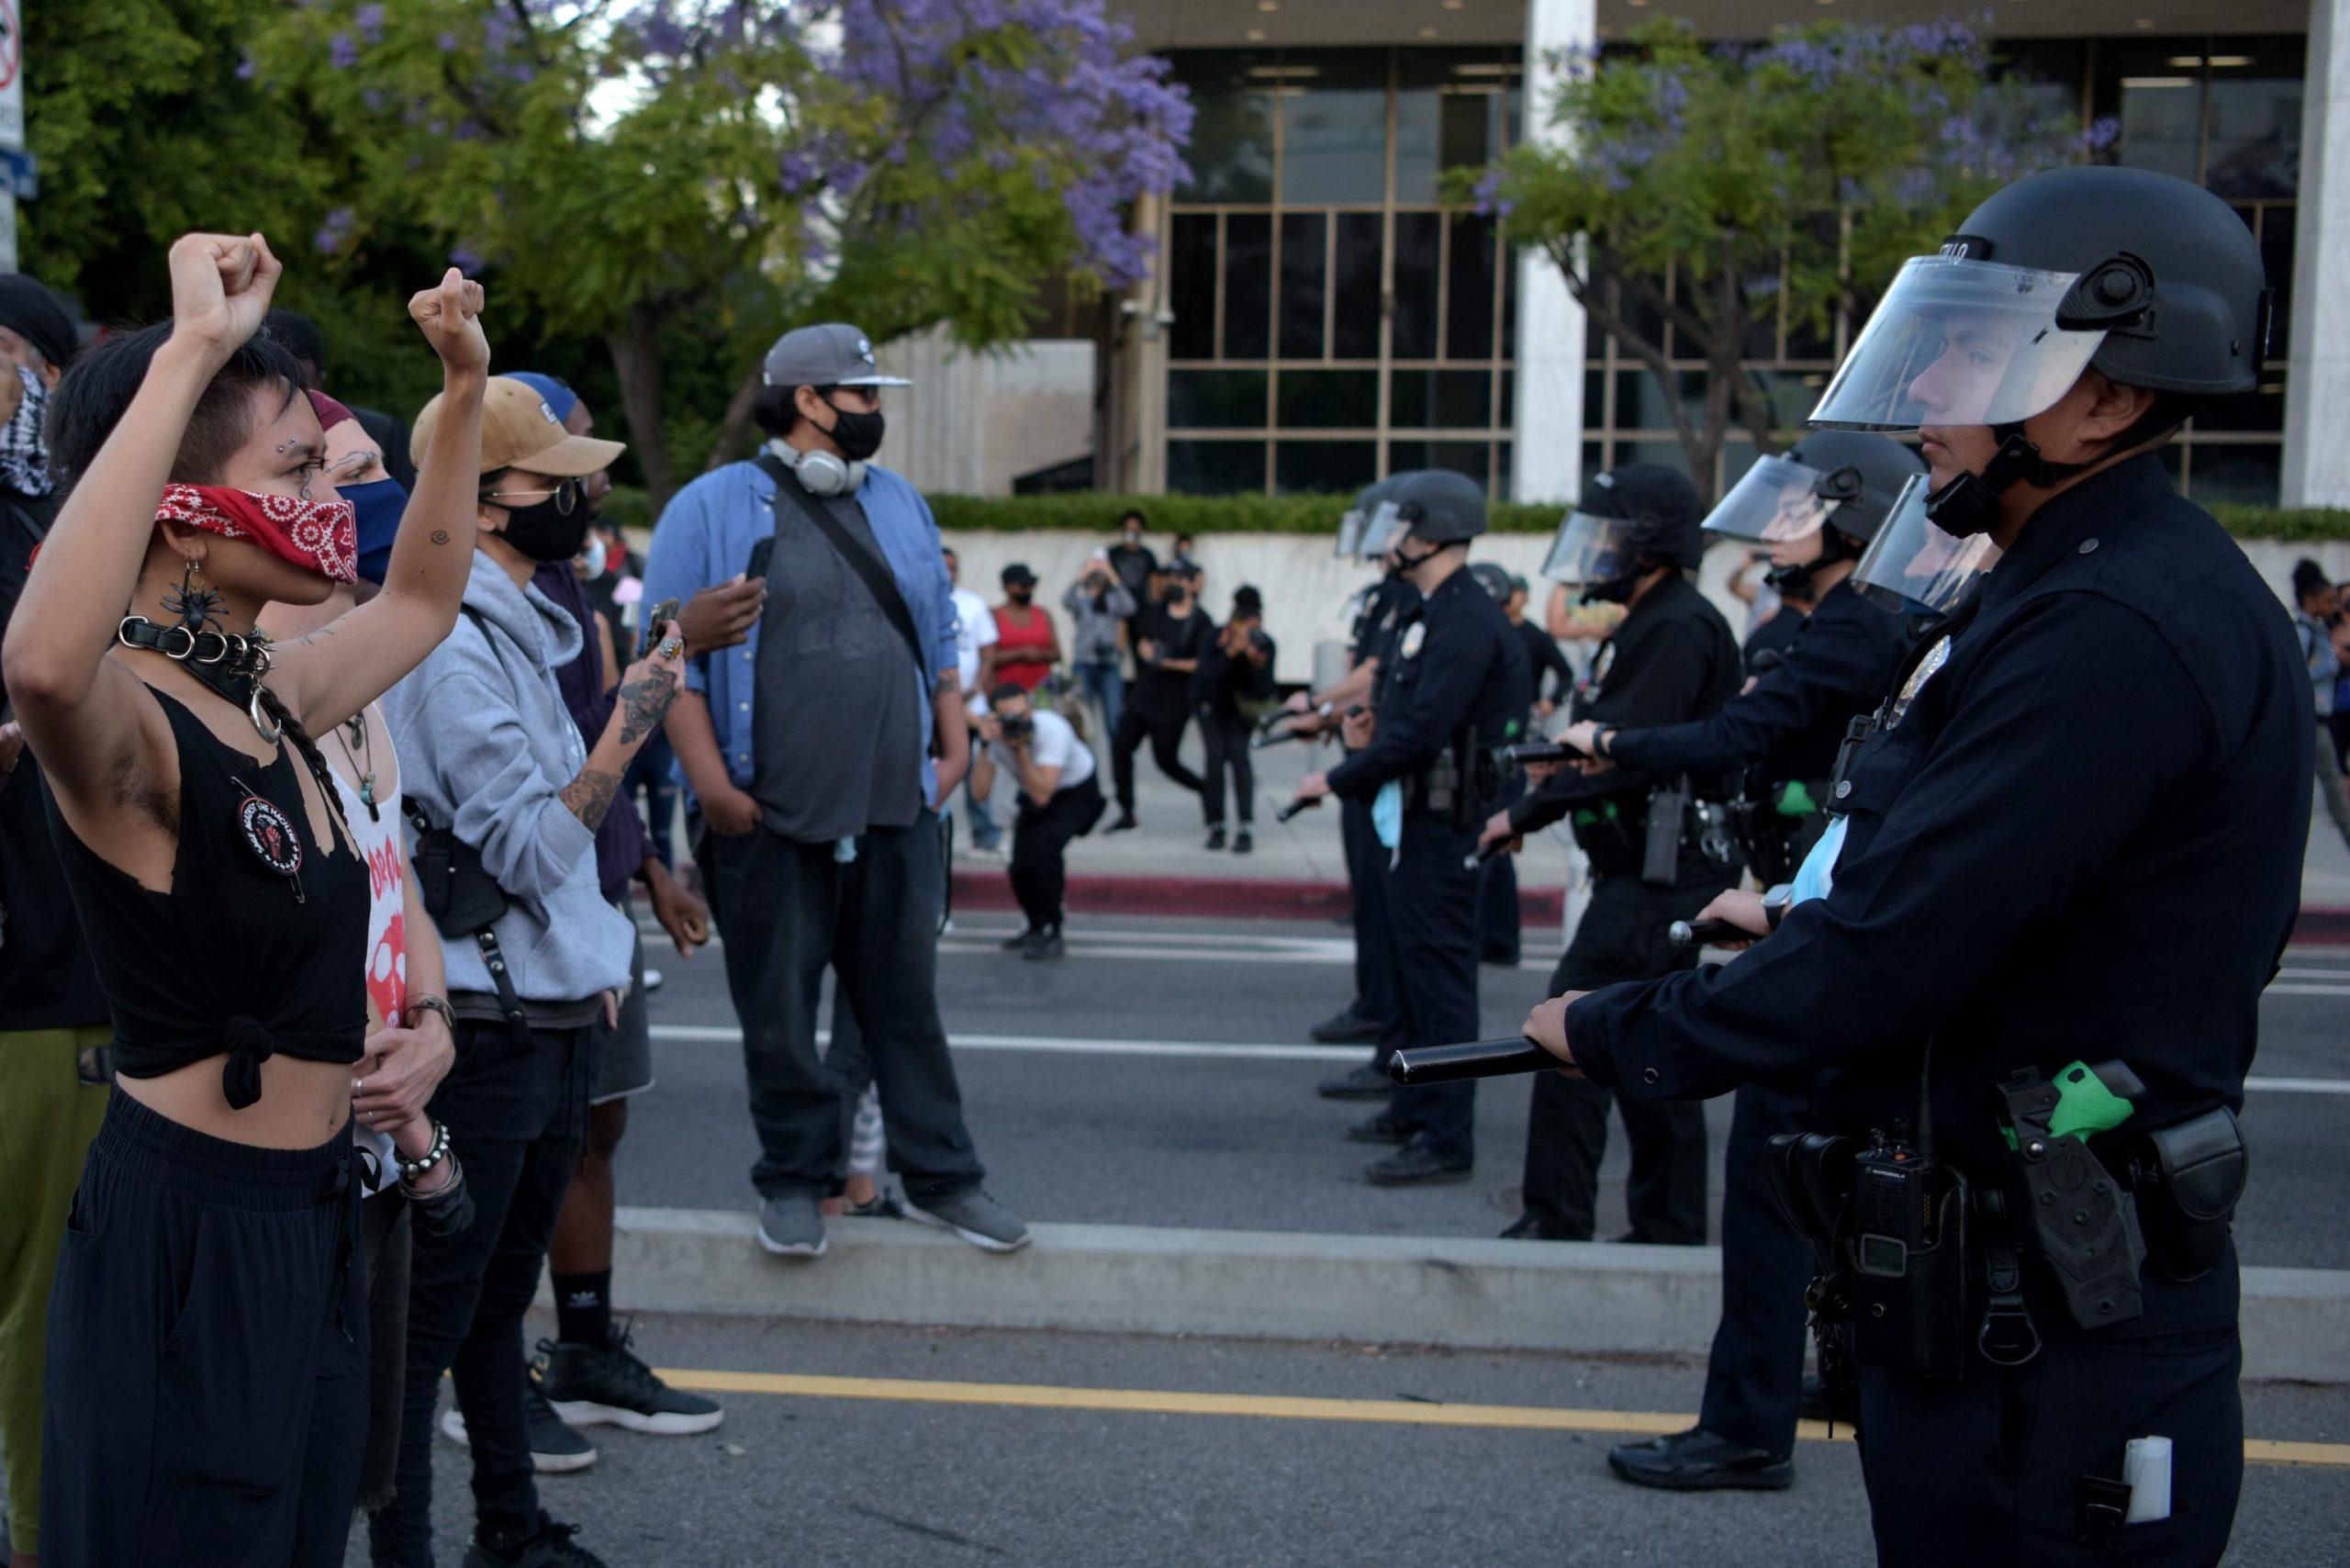 Manifestanti schierati di fronte alla polizia